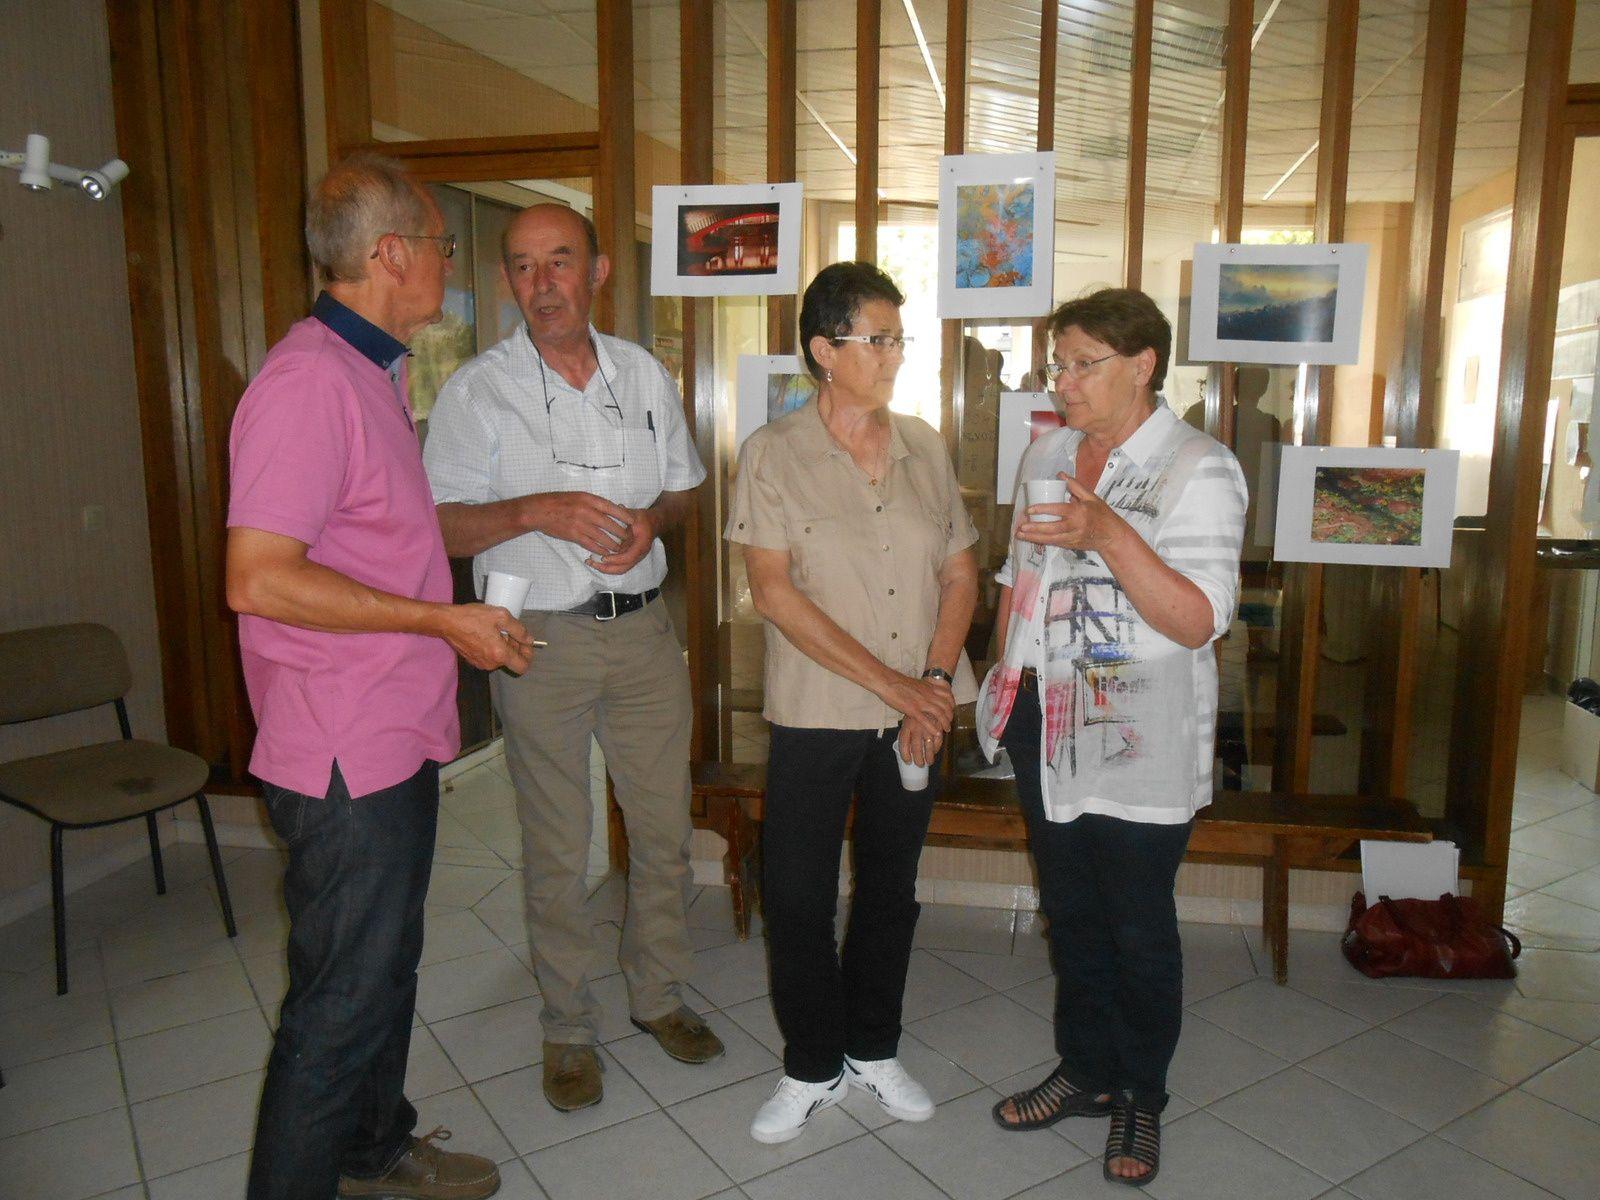 Une petite réception rassemblant personnel communal et élus a été organisée en mairie pour le départ d'Isabelle Bernard.